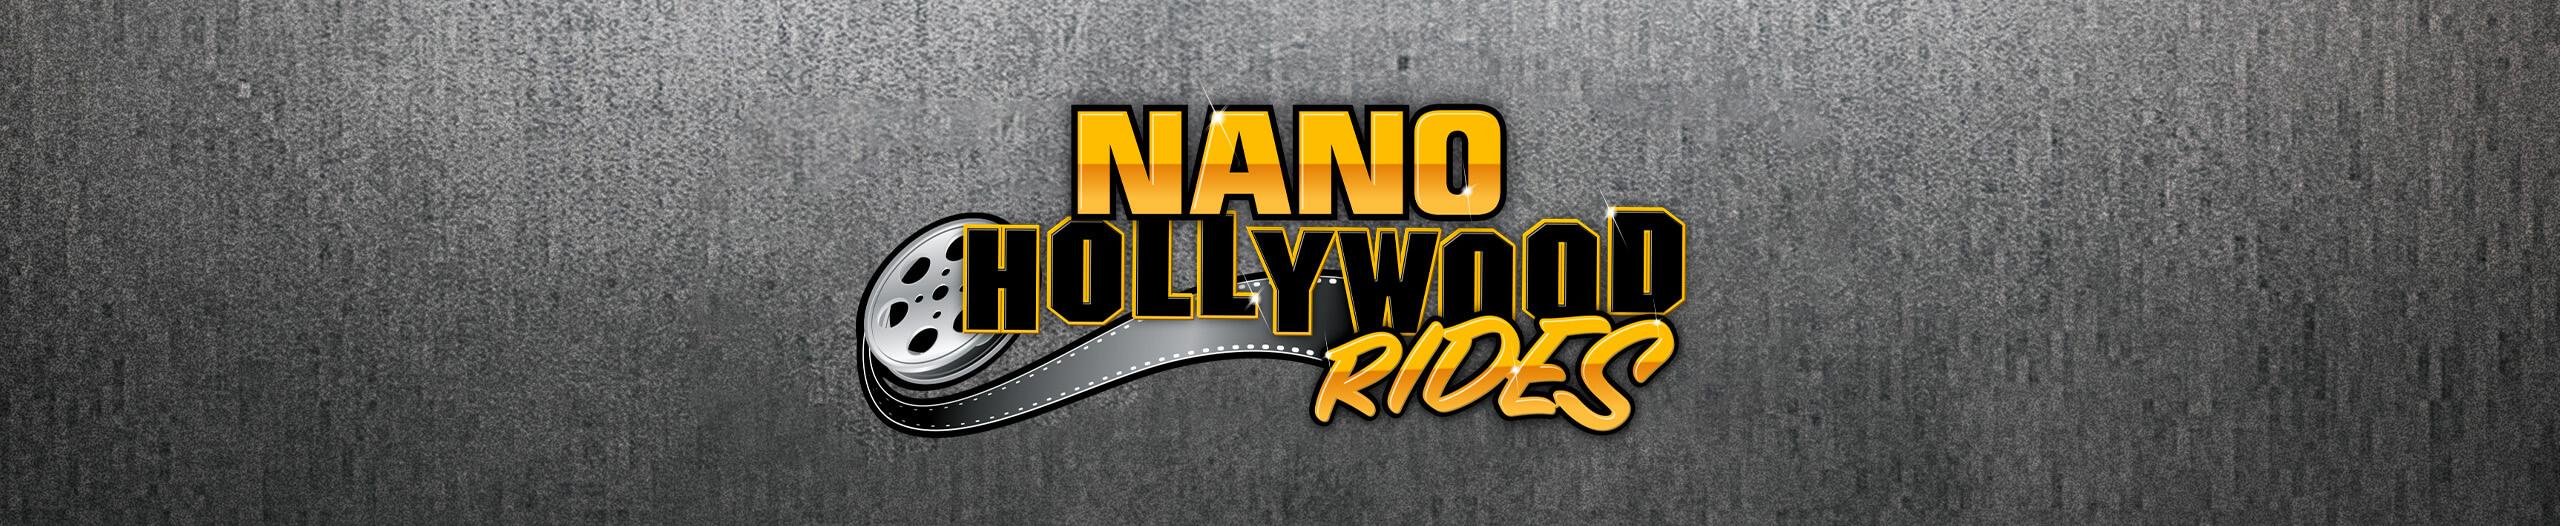 Nano Hollywood Rides